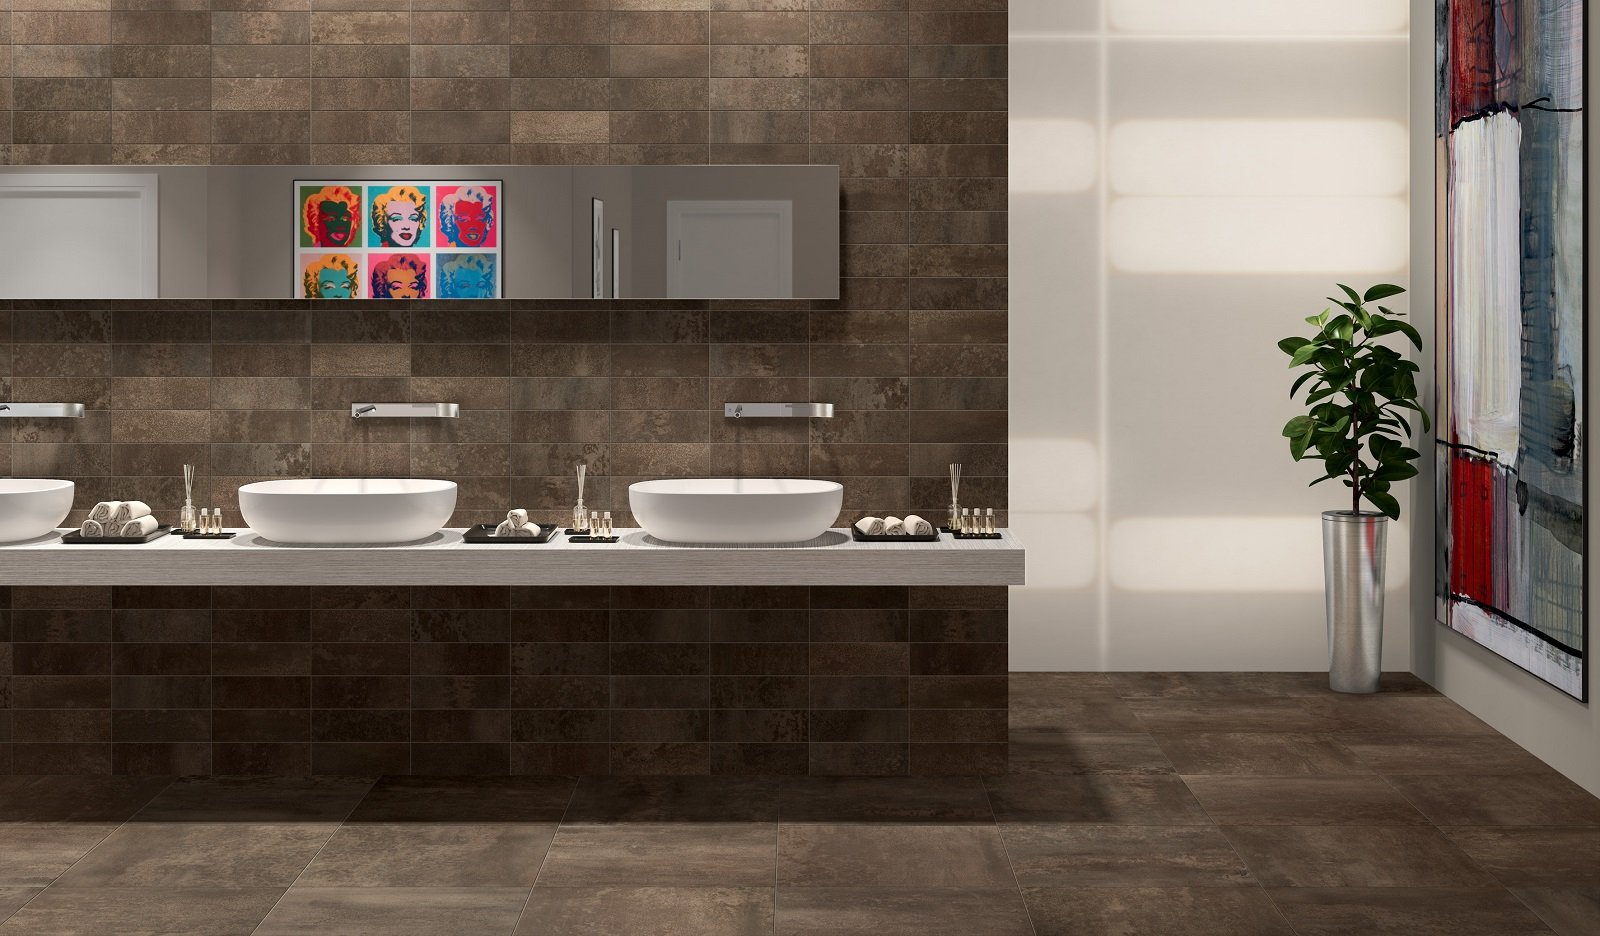 Pavimenti per il bagno gres in tante versioni diversissime per gusto e stile cose di casa - Ceramiche bagno prezzi ...